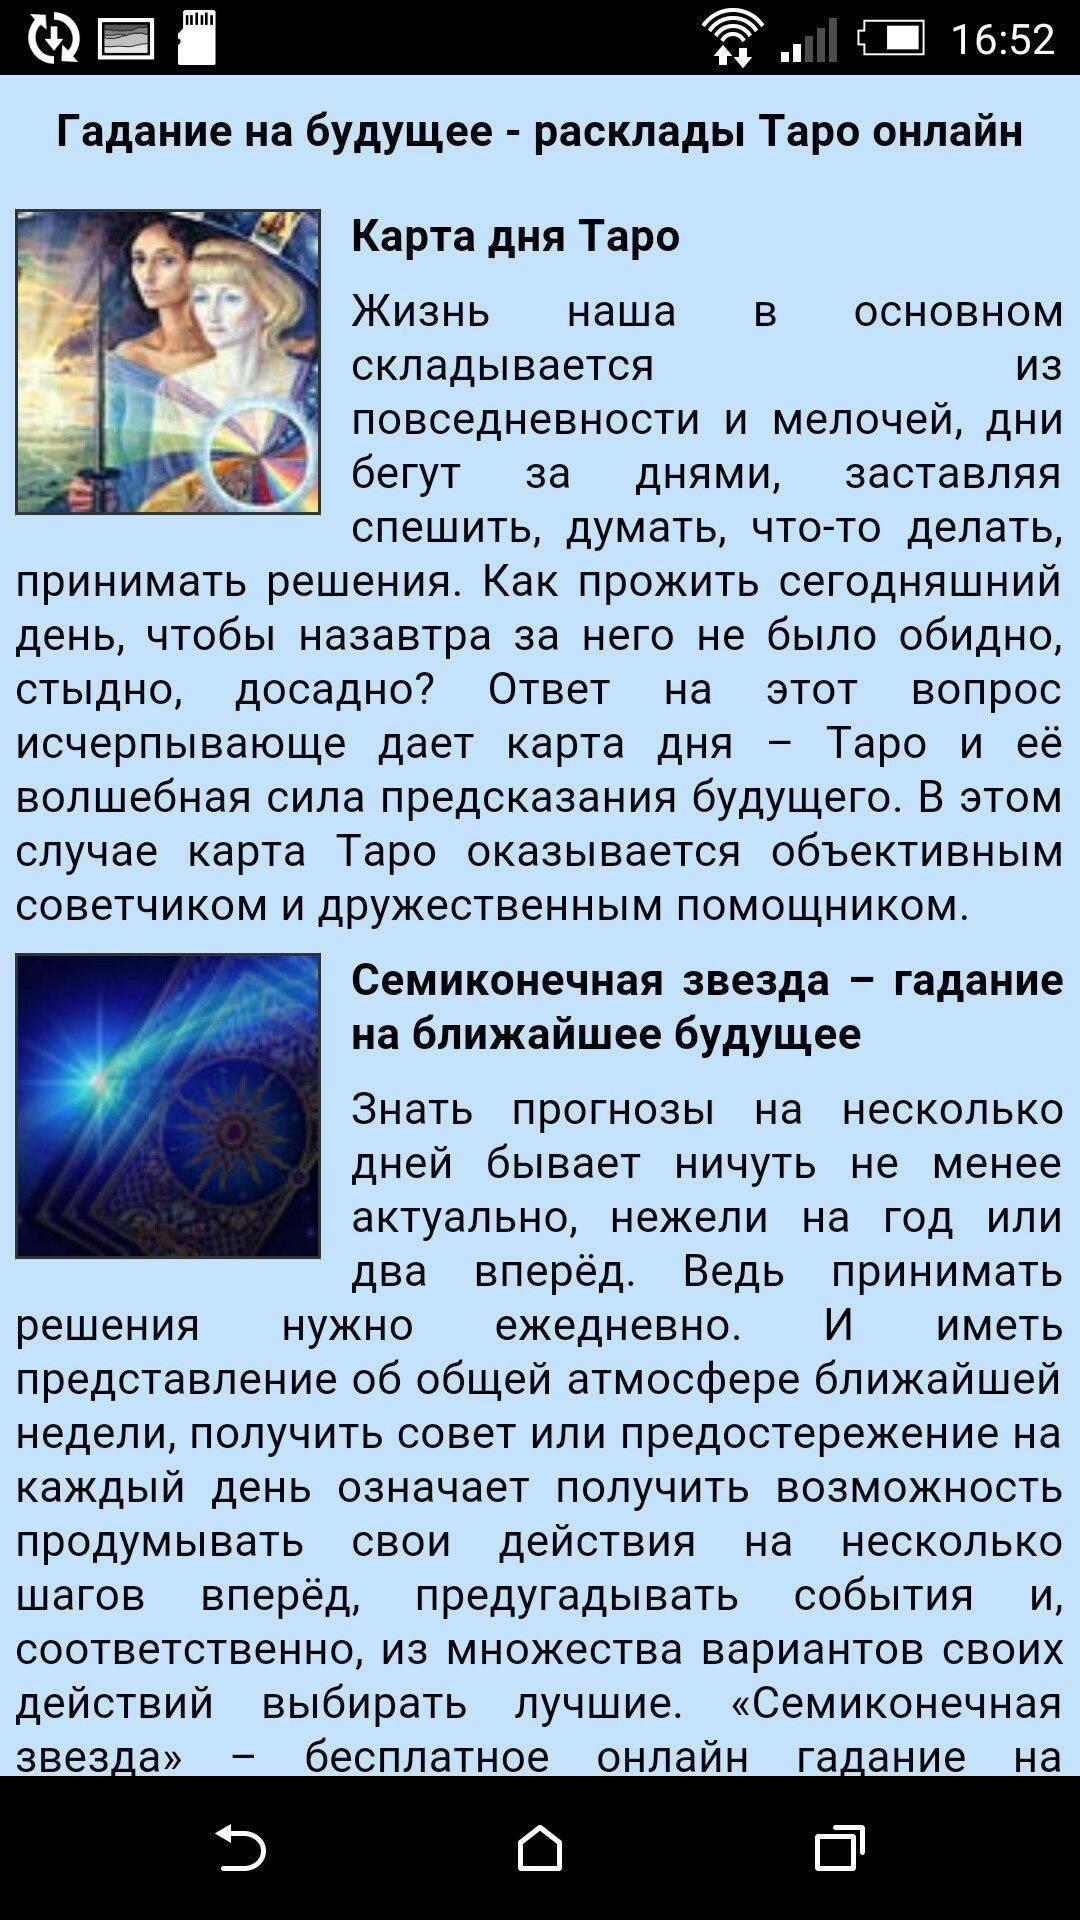 Онлайн гадание по книге перемен - созвездие кассиопеи